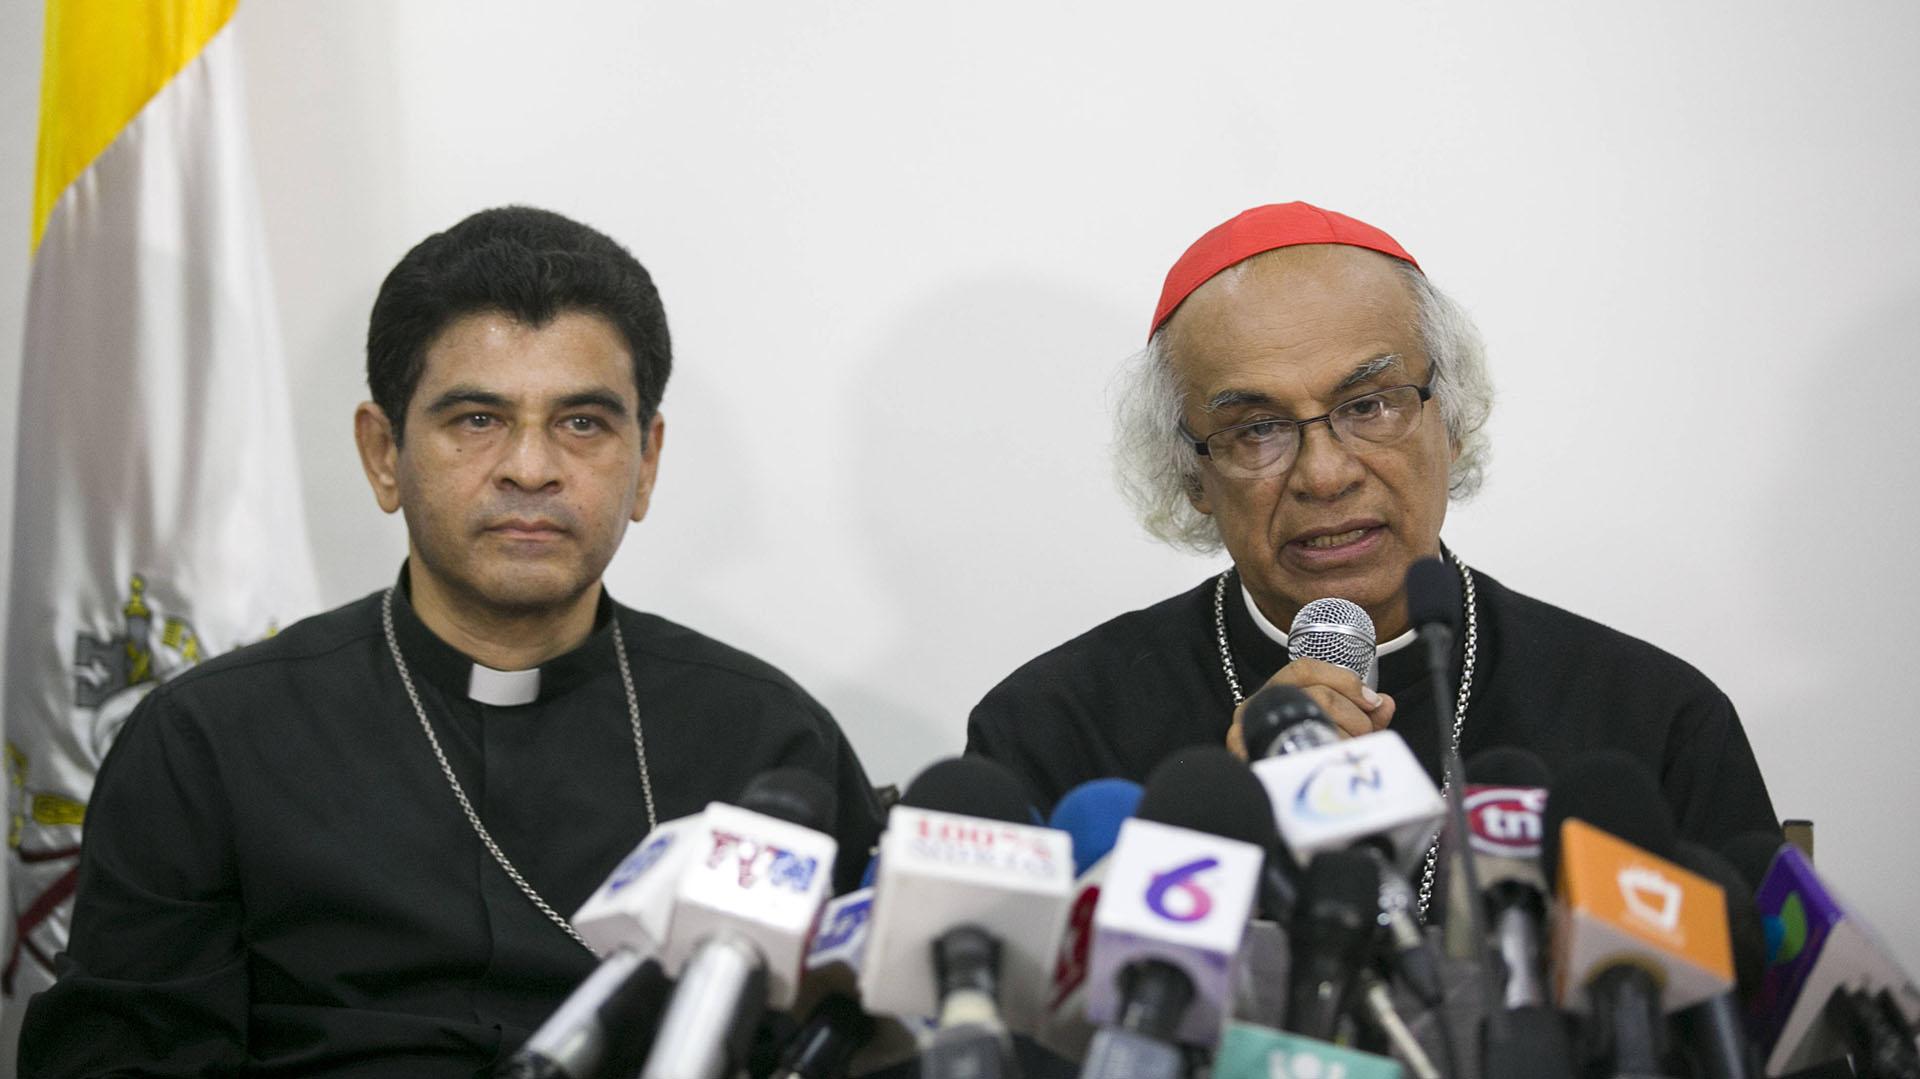 El cardenal de Nicaragua, Leopoldo Brenes, habla en una conferencia de prensa junto al obispo de la ciudad de Matagalpa, Rolando Álvarez (EFE)